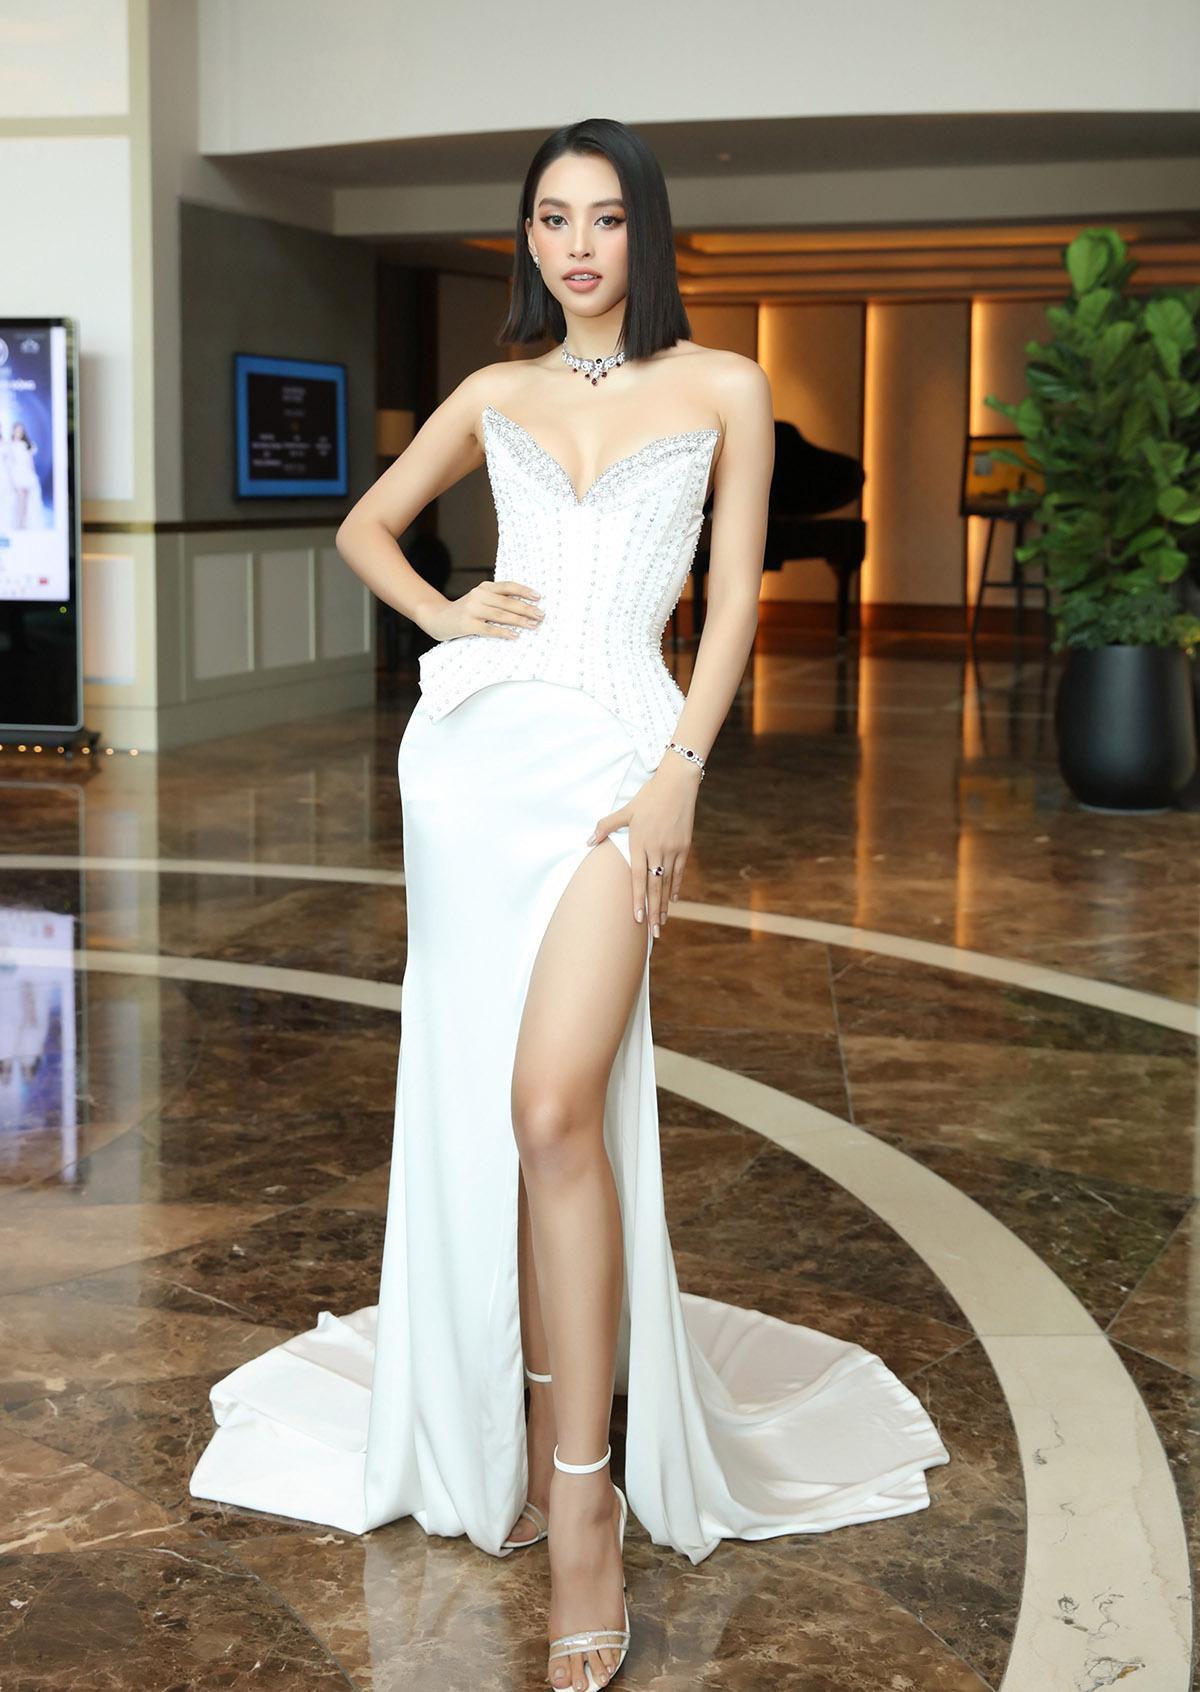 Xem mỹ nhân Việt mặc đẹp tuần qua Ảnh 4